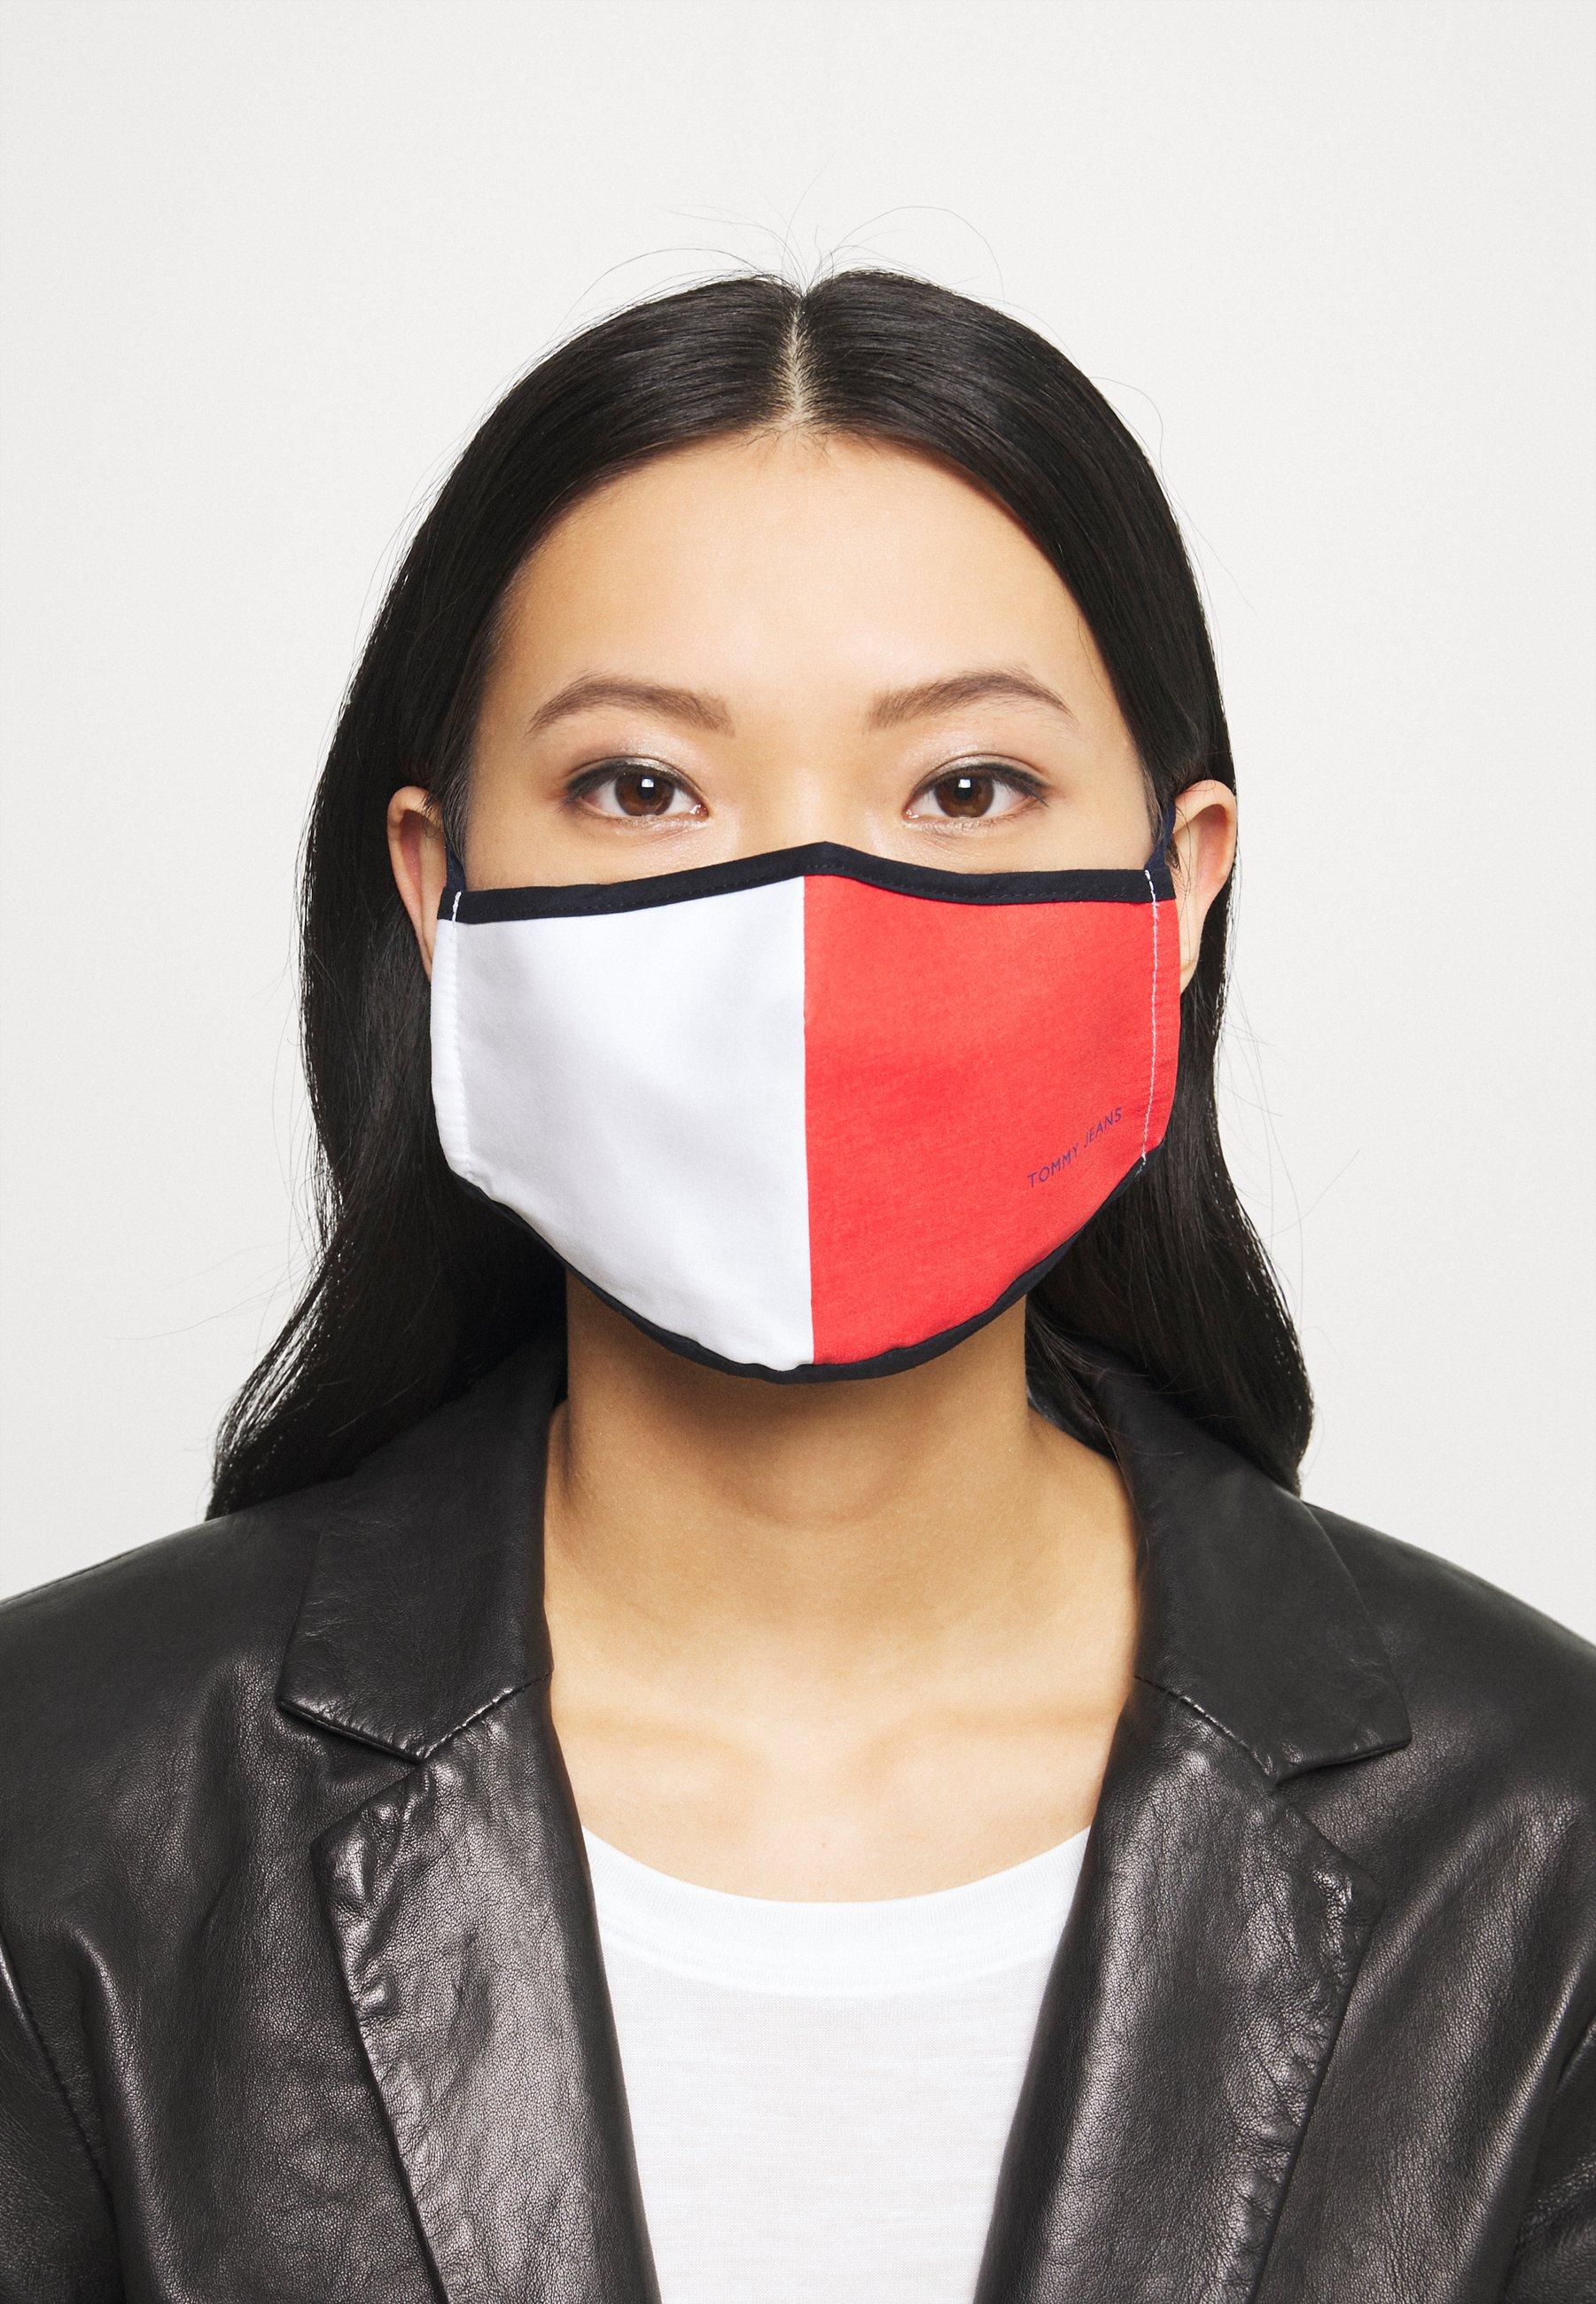 Women UNISEX  FLAG FACE COVER - Community mask